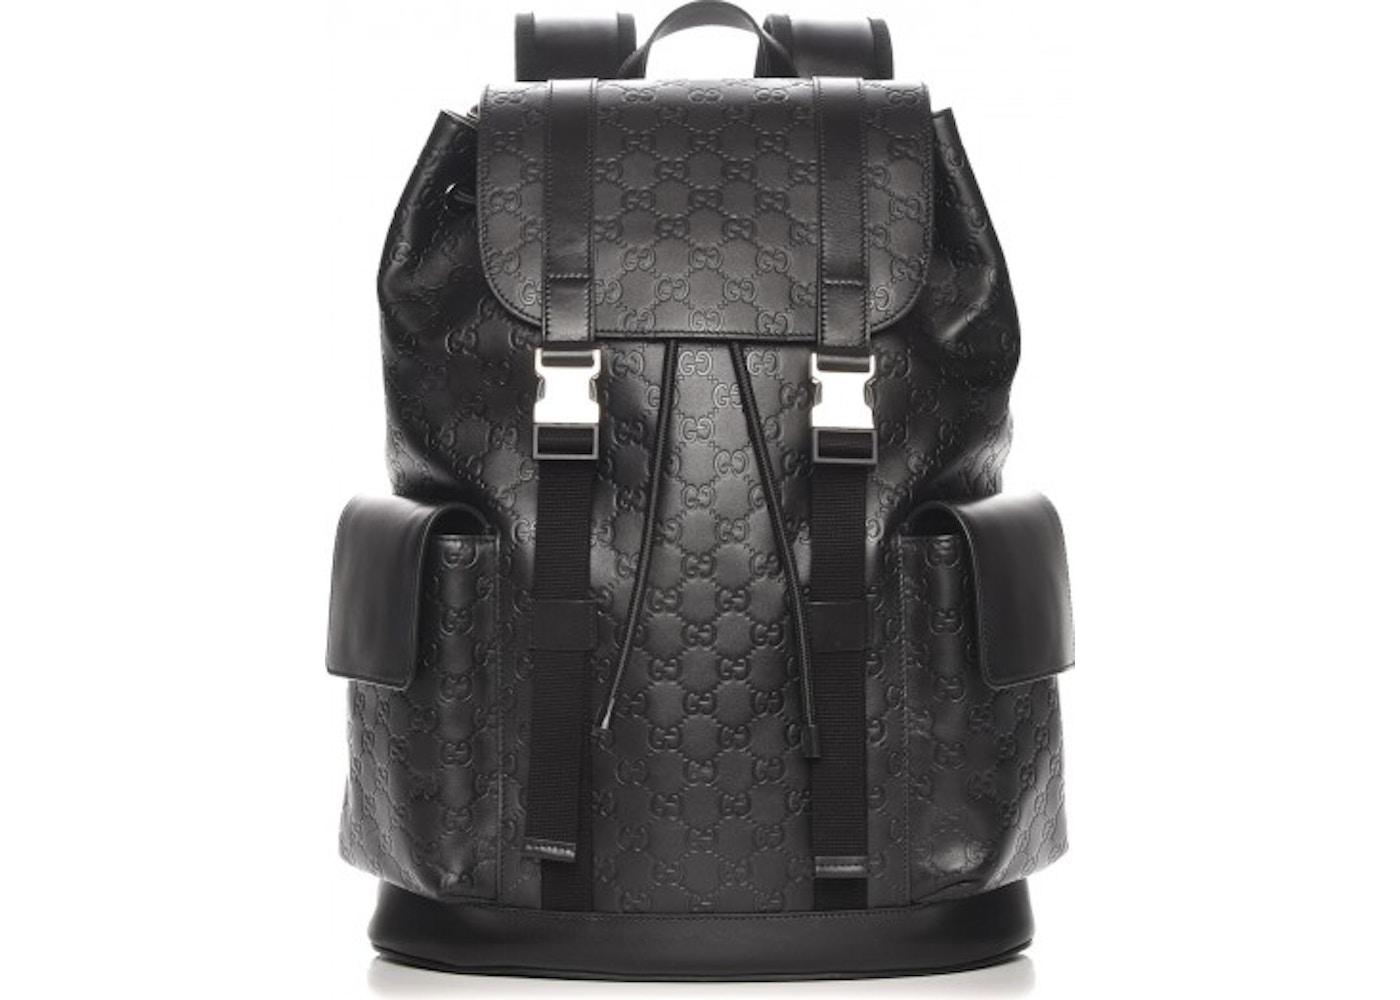 c9e4f11fbb0 Gucci Guccissima Signature Backpack GG Black. GG Black